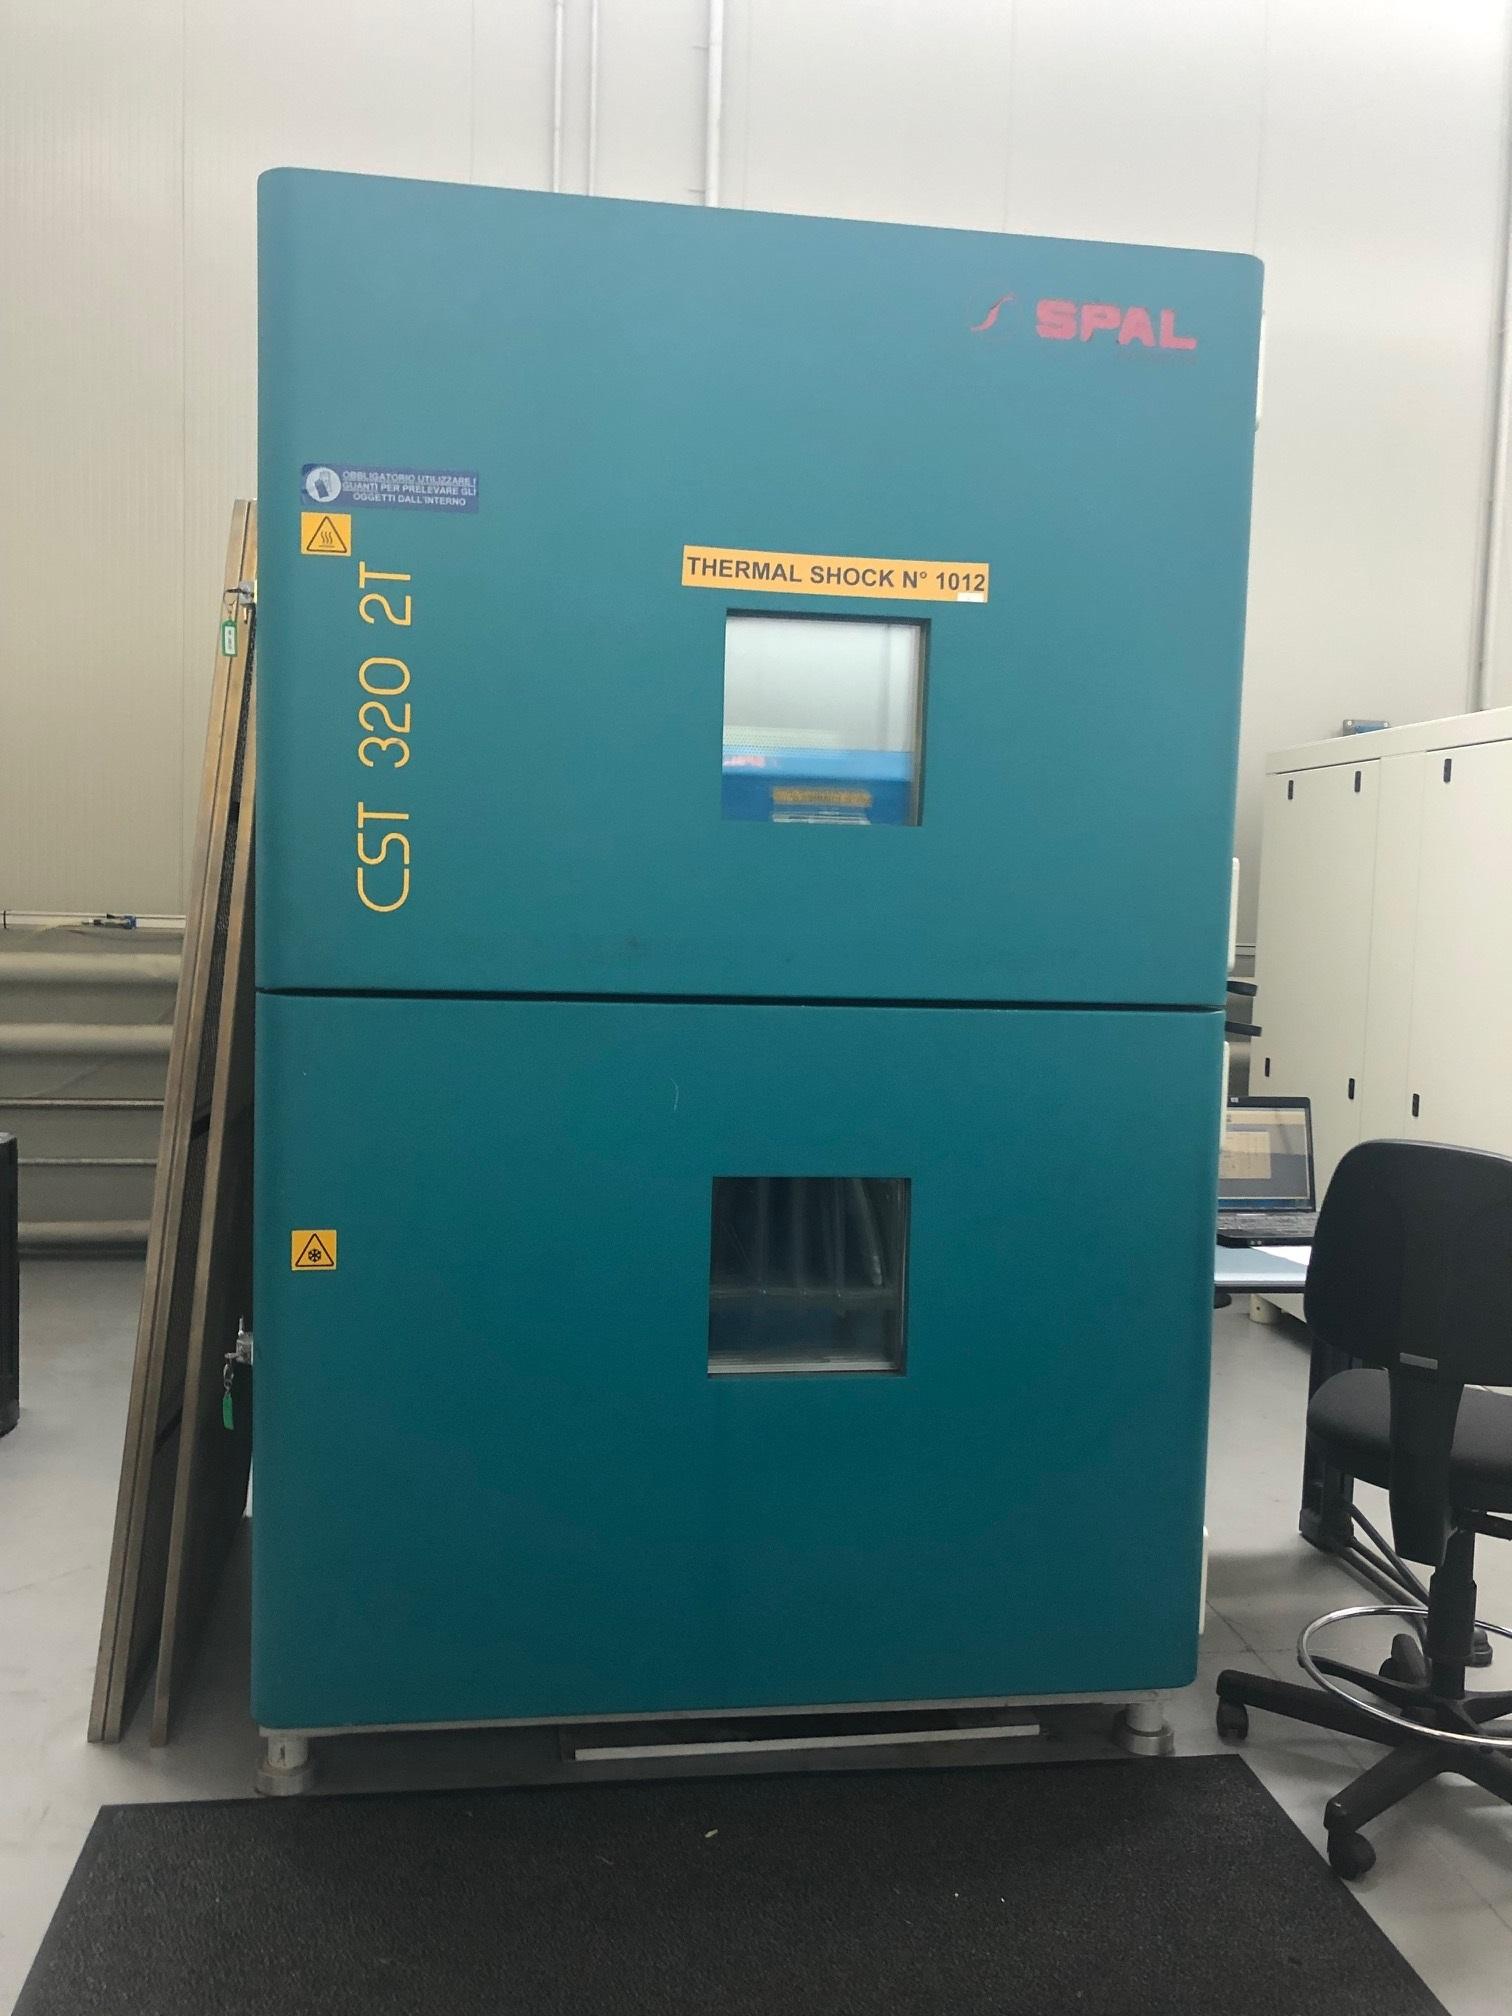 01_Laboratório de Durabilidade_Confiabilidade (Camara de choque térmico)